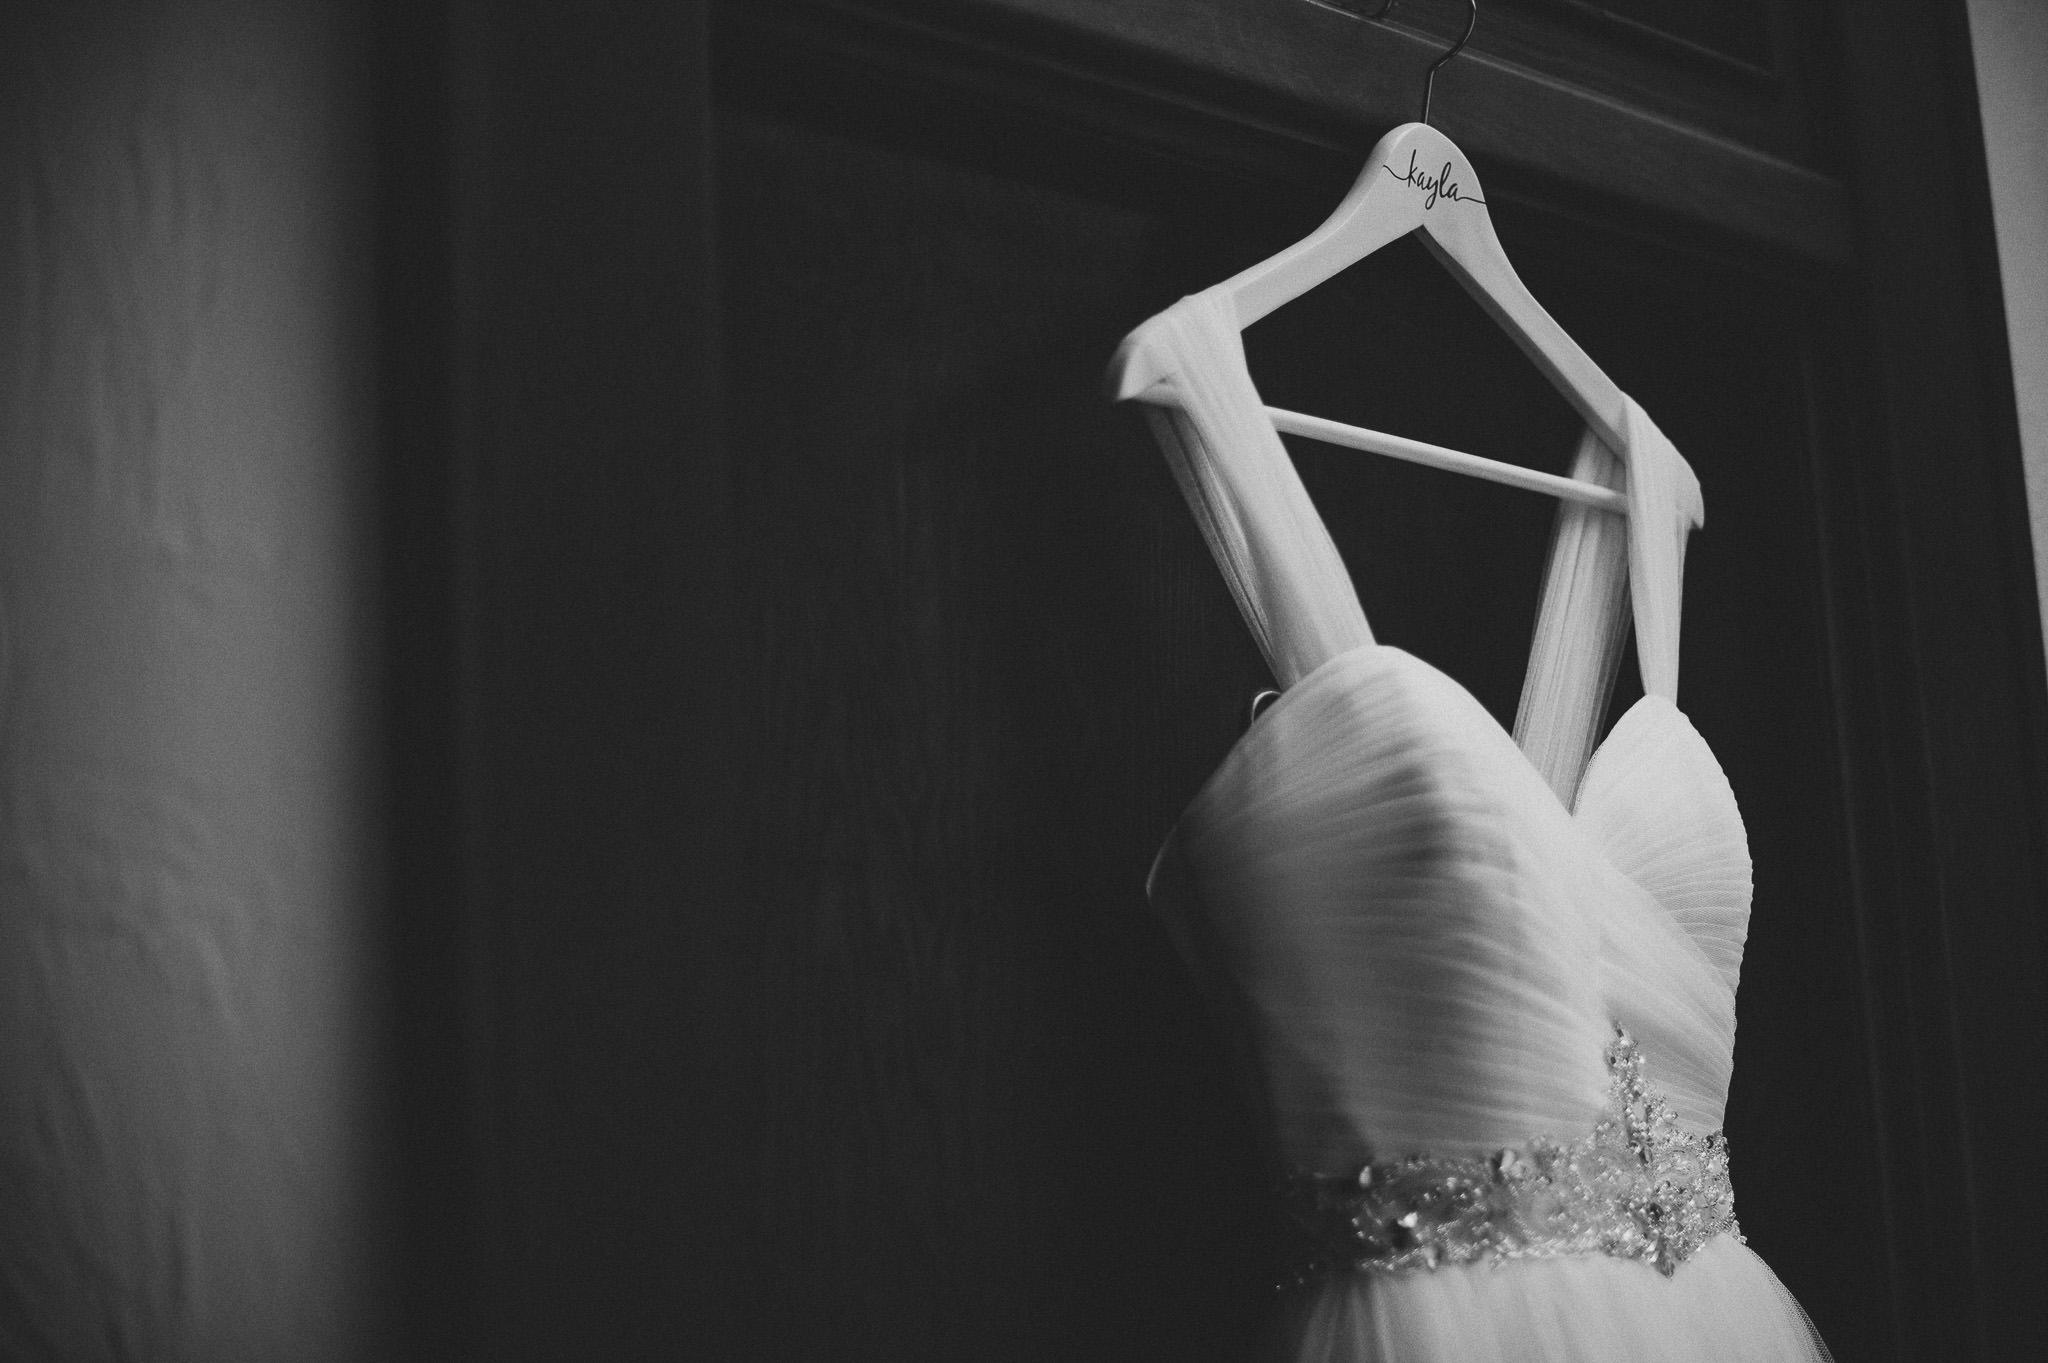 hand lettering wedding dress hanger